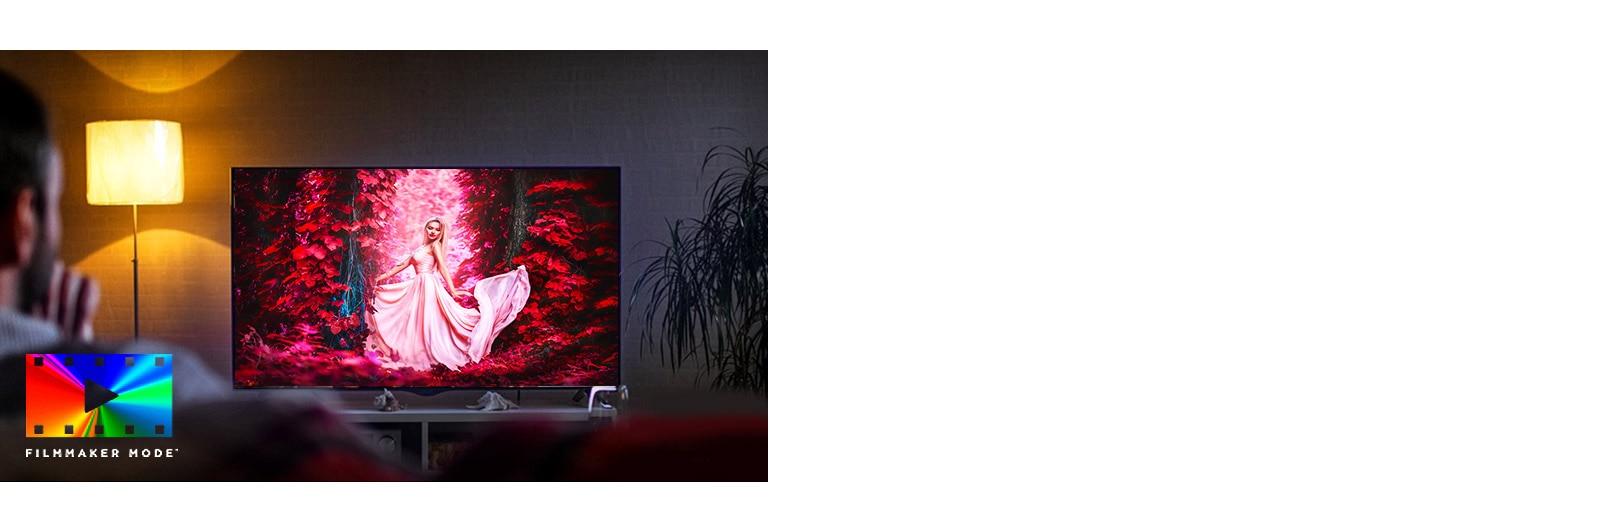 Moški sedi na kavču v dnevni sobi in na TV zaslonu se prikaže film